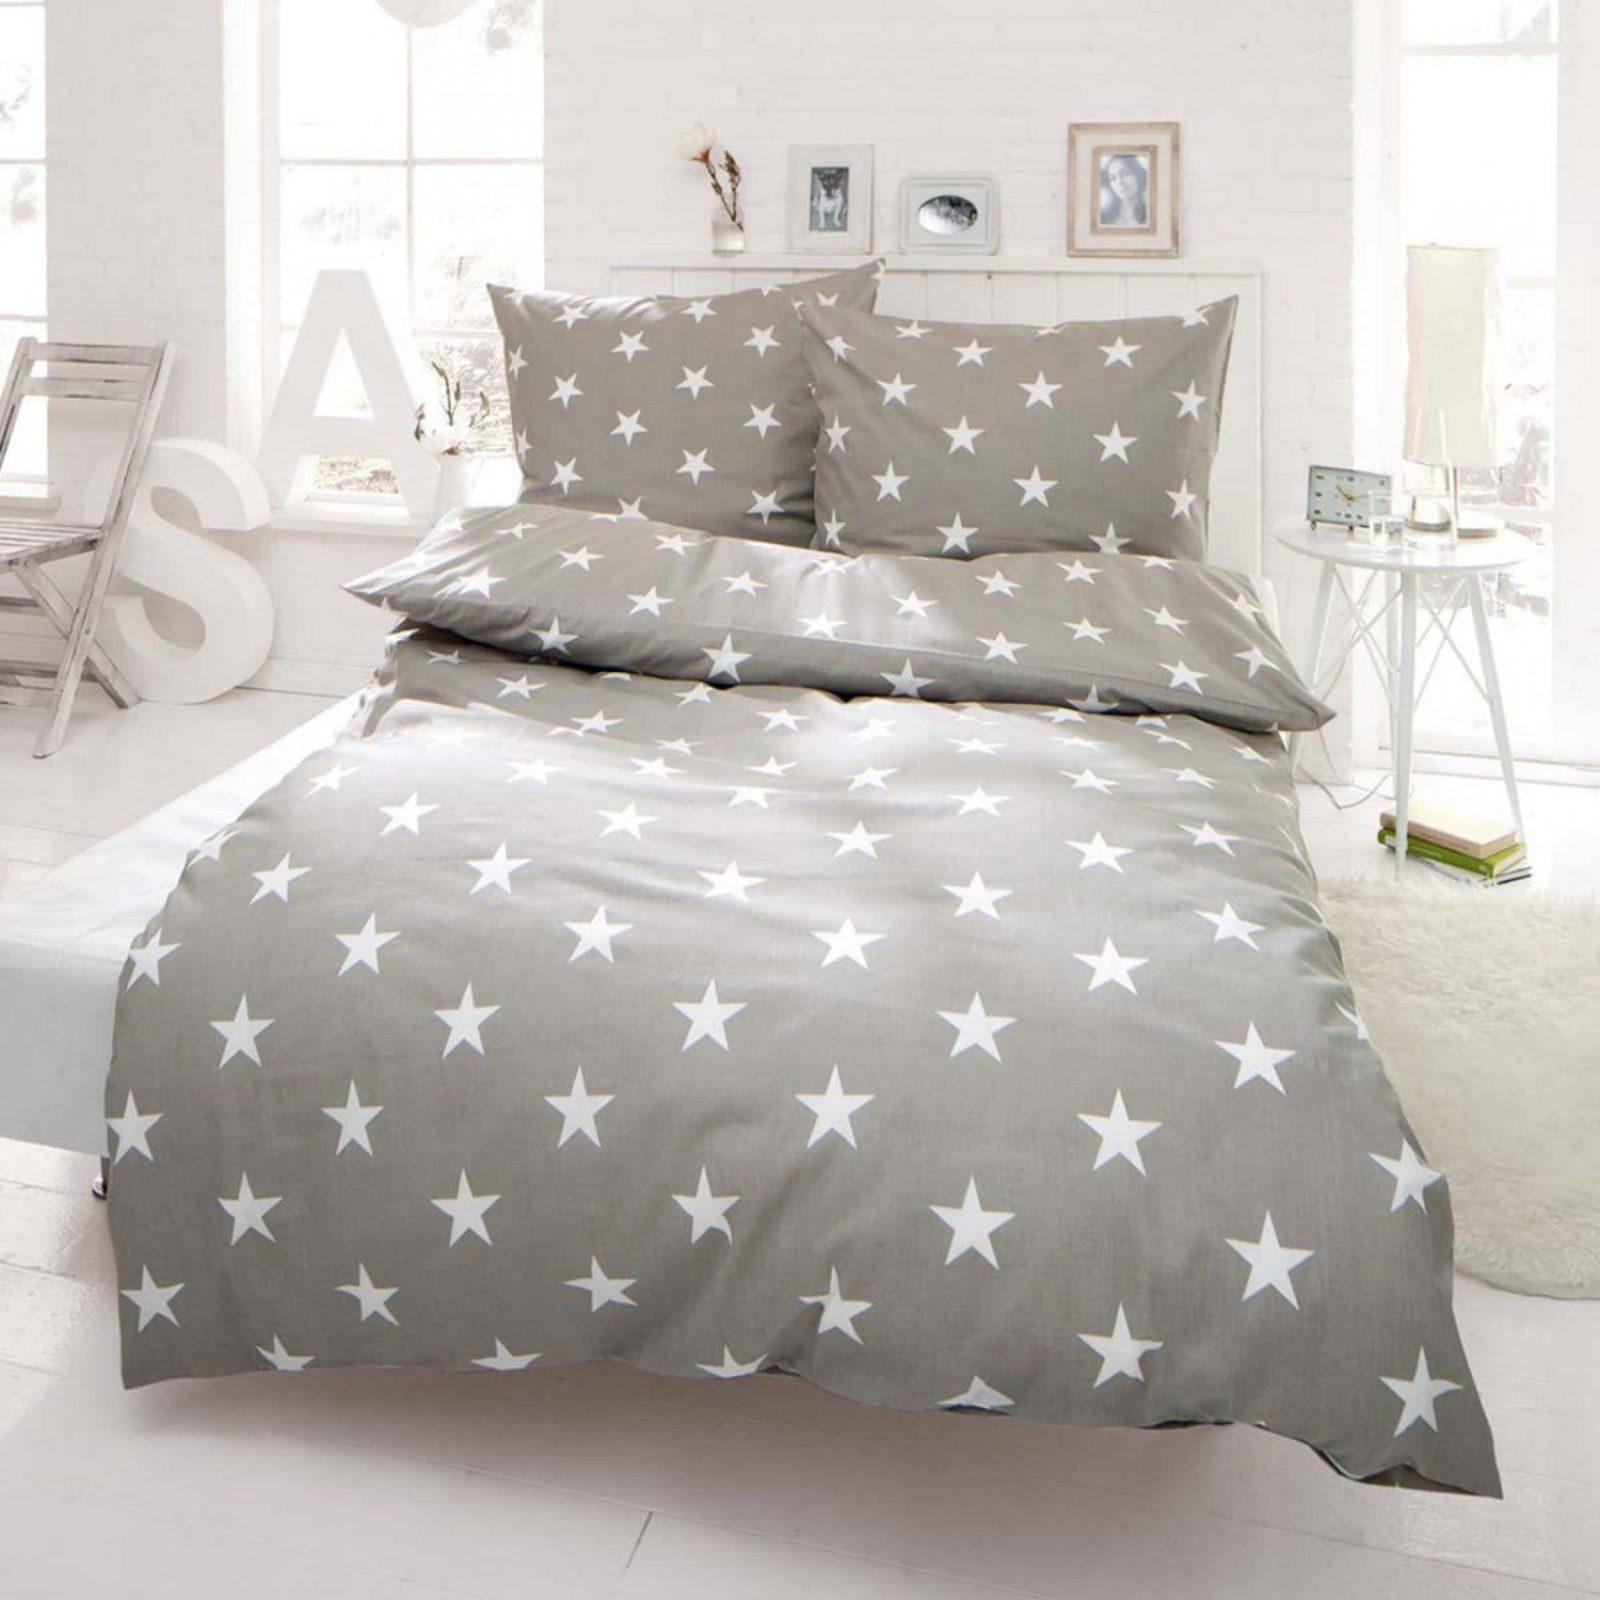 Bettwäsche Sterne Mit Reißverschluss Baumwollrenforcé von Bettwäsche Mit Sternen 155X220 Photo